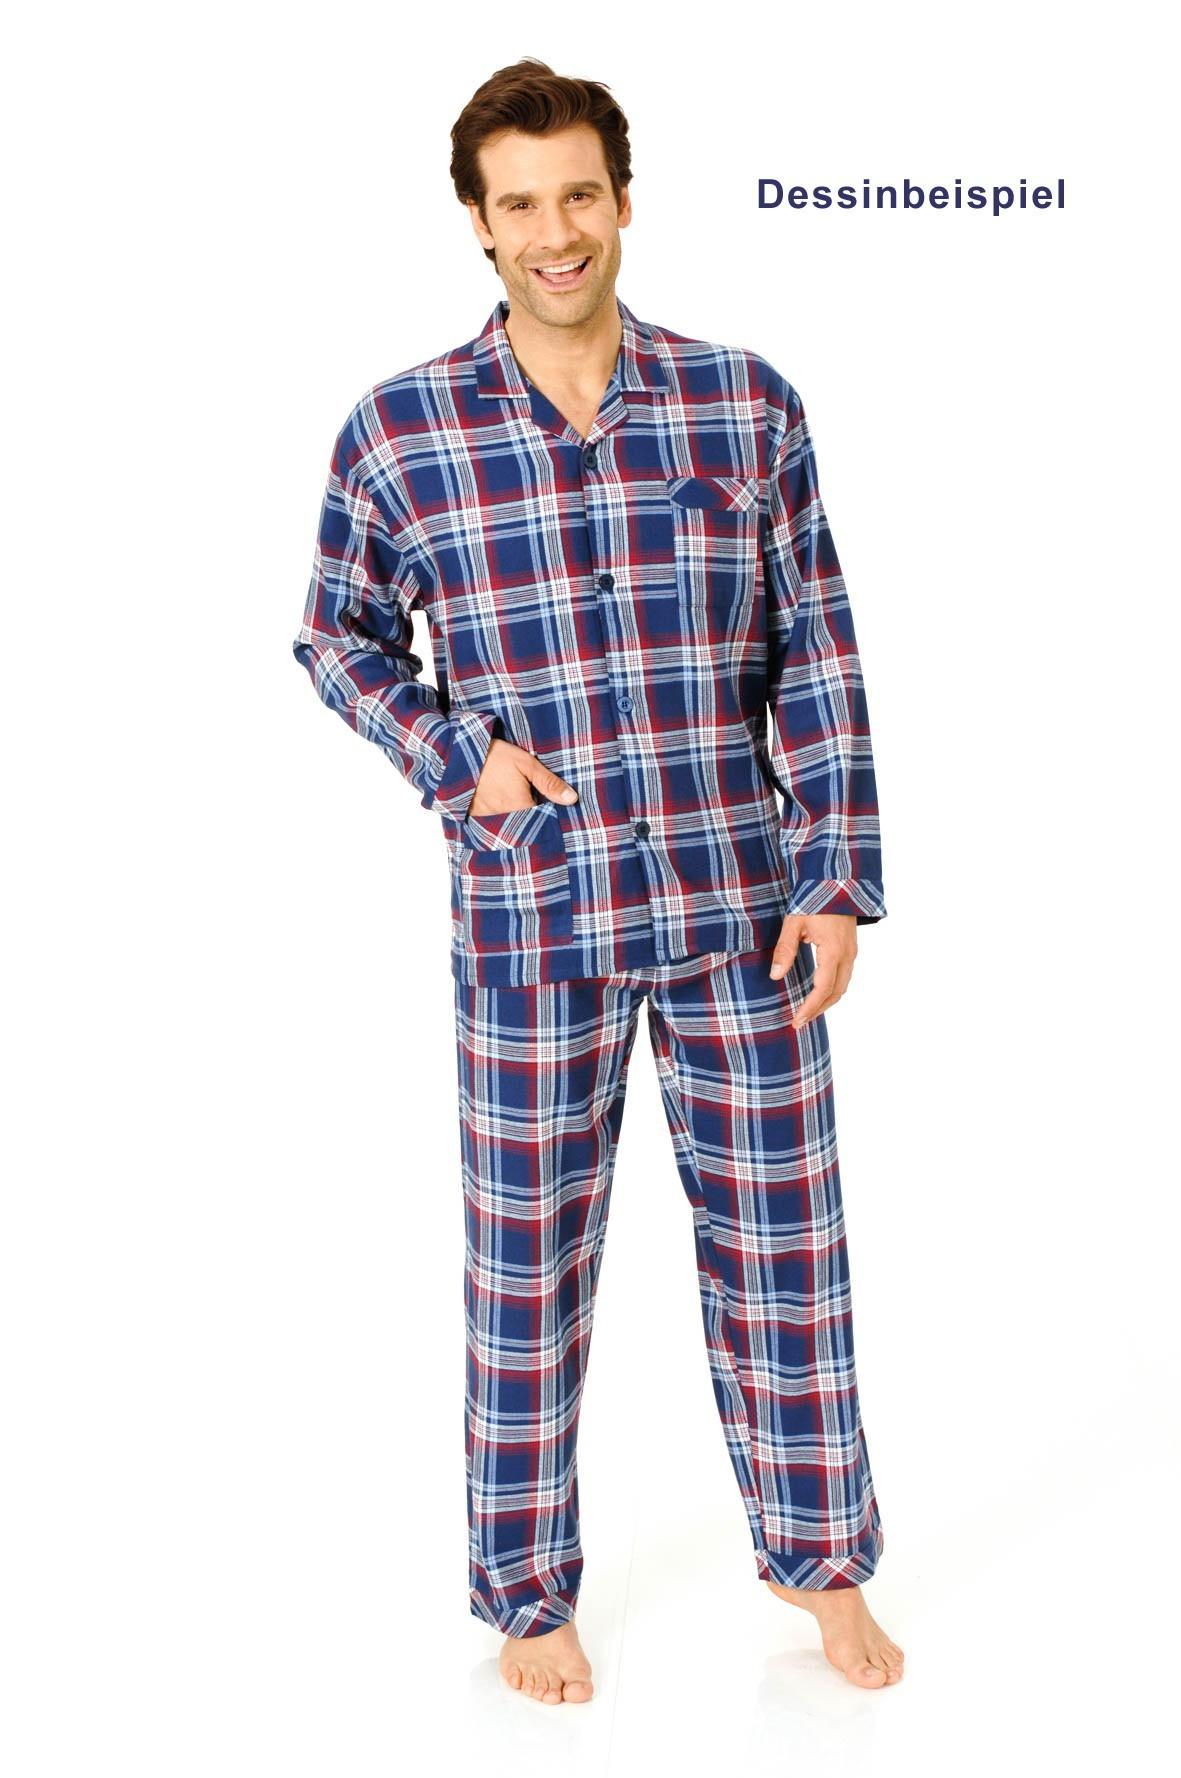 Herren Flanell Pyjama zum durchknöpfen in Übergrössen - 2erpack - bis Grösse 66